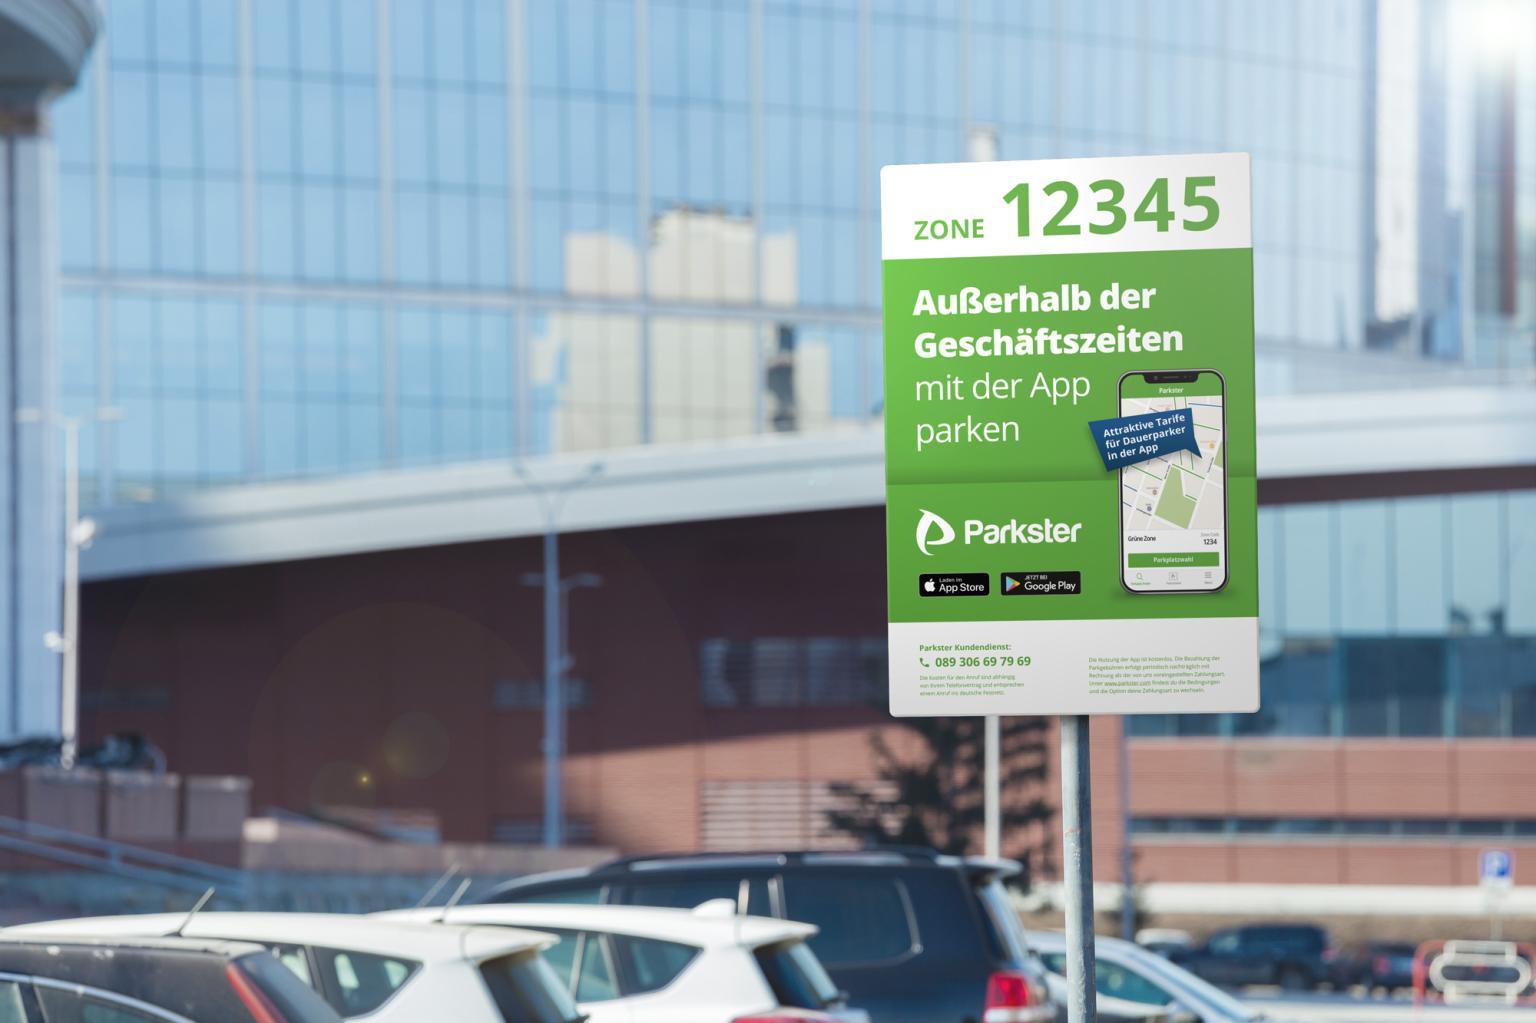 Smart Parking mit Parkster - Parken digital bezahlen: Mit App & Kennzeichenerkennung